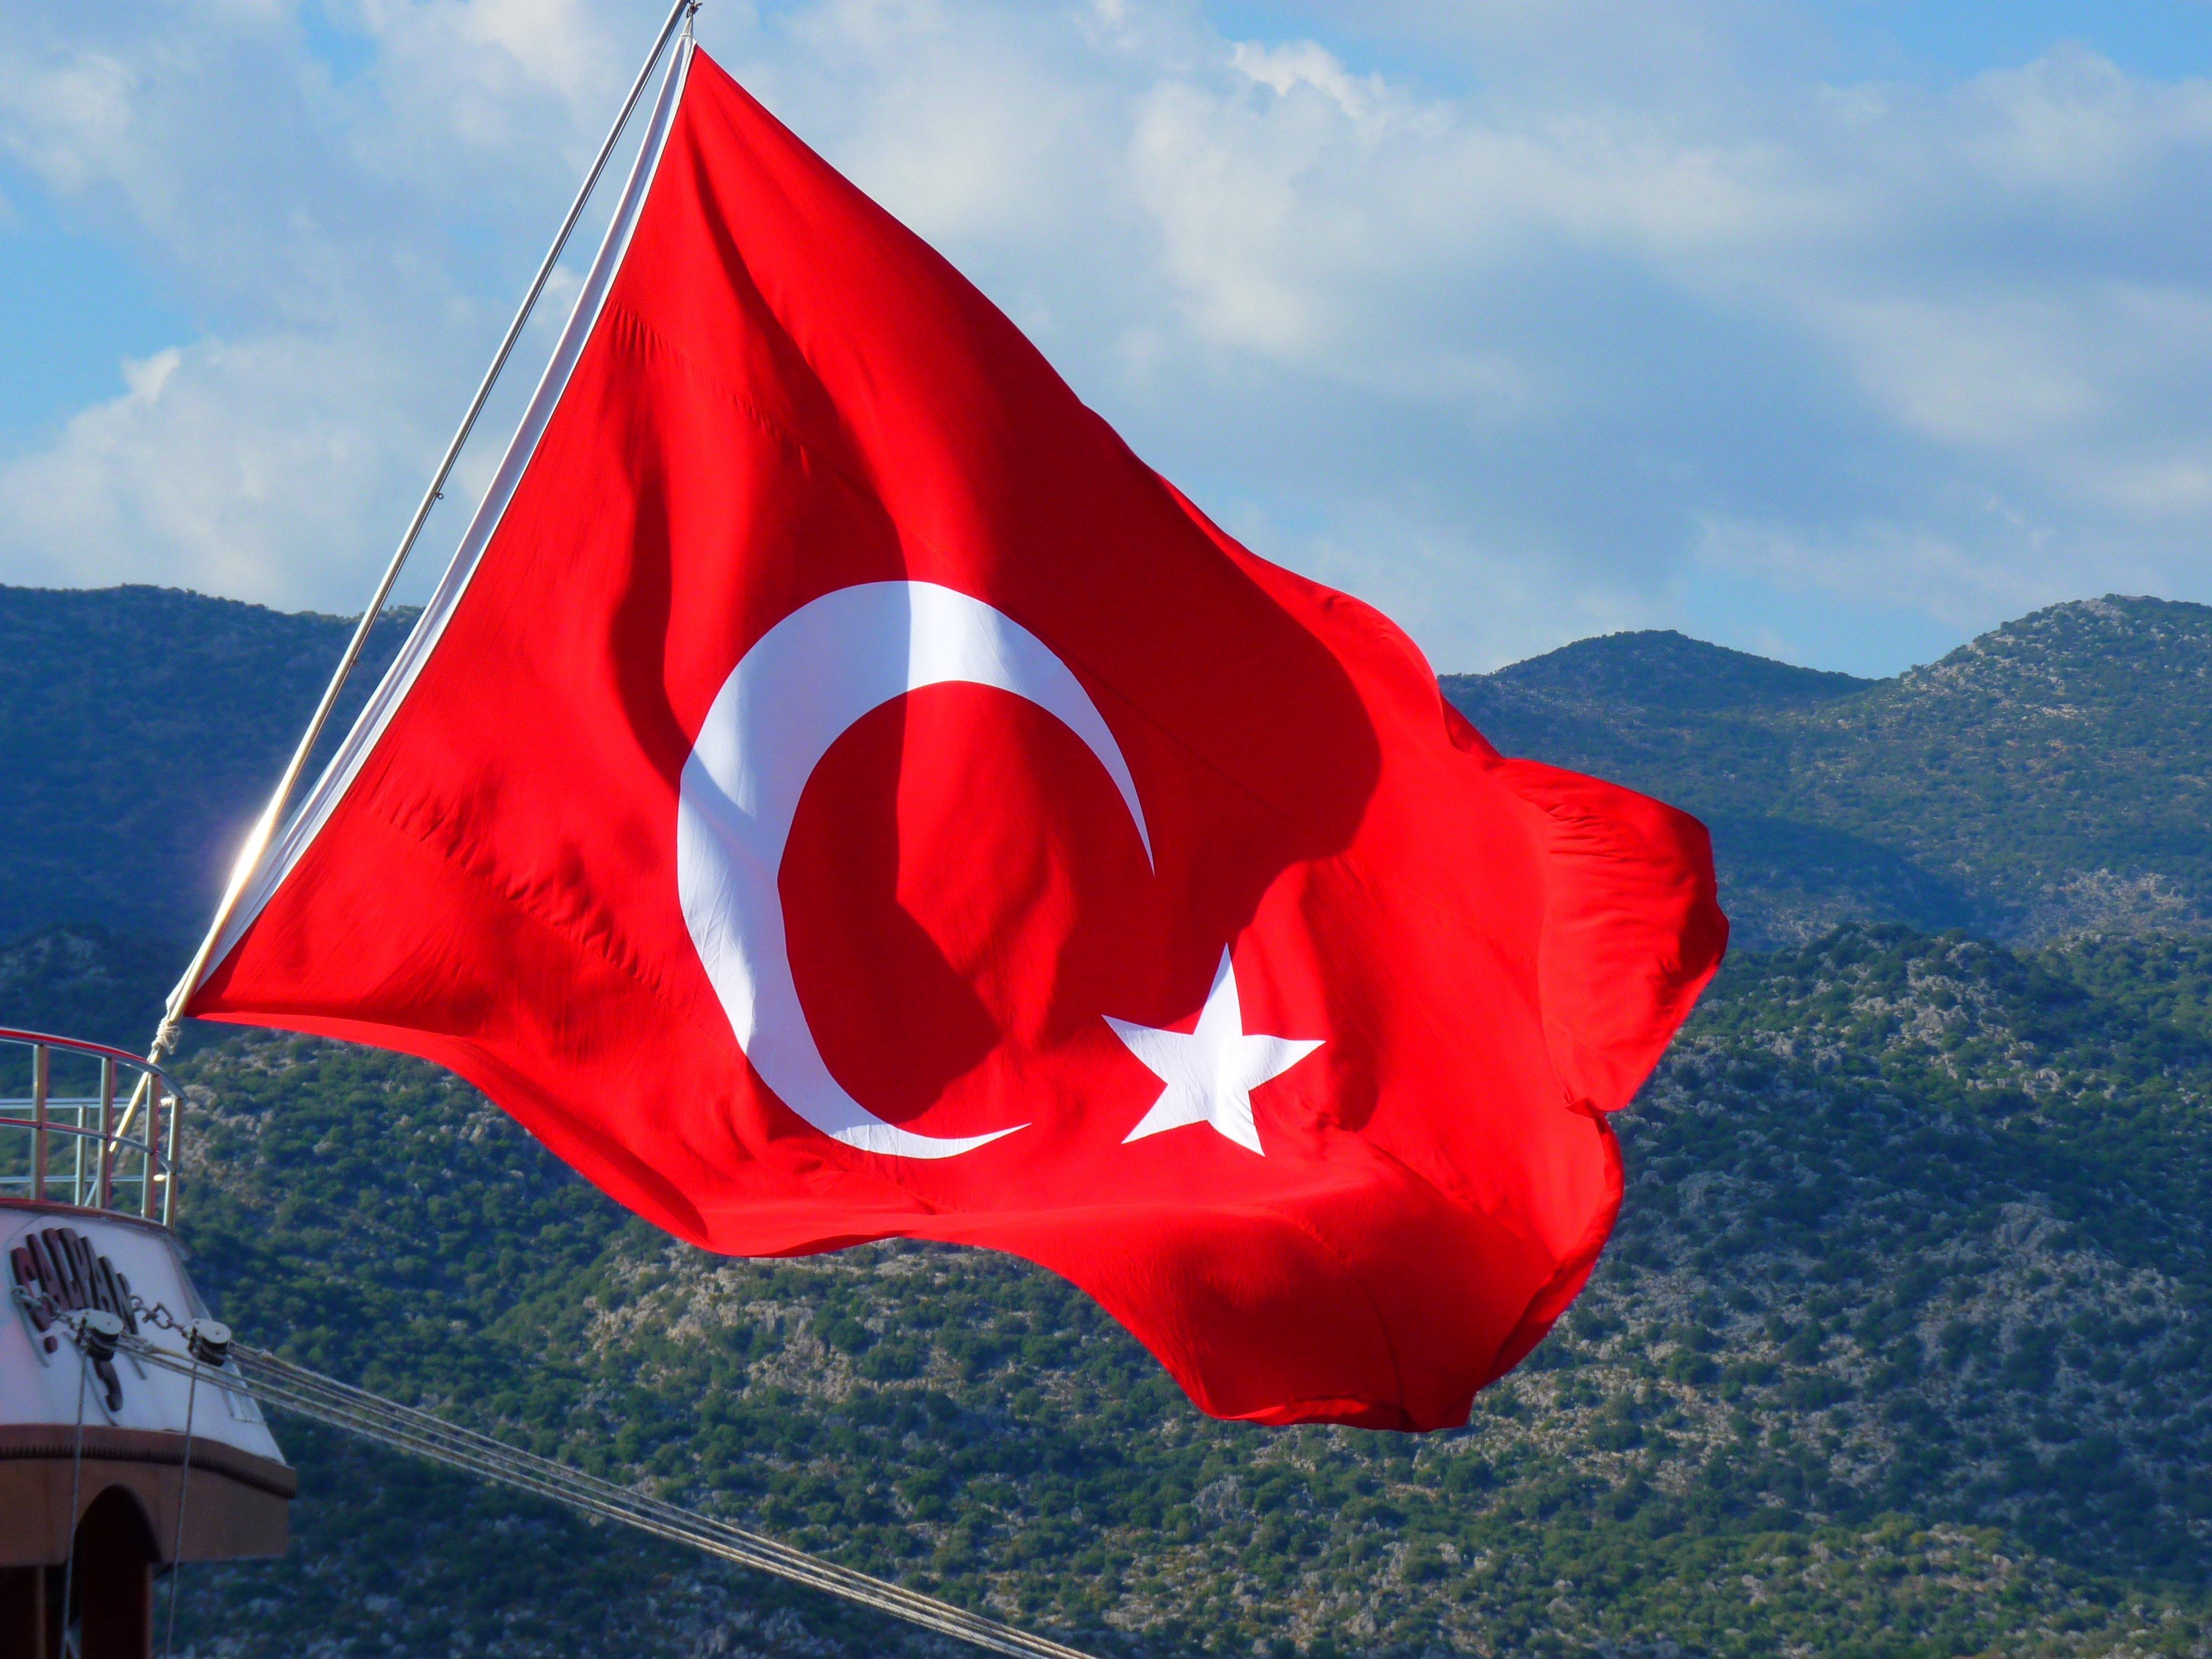 Bildet : blomst, vind, rød, fargerik, nasjonal flagg, Tyrkia, blåse, halvmåne, rødt flagg ...